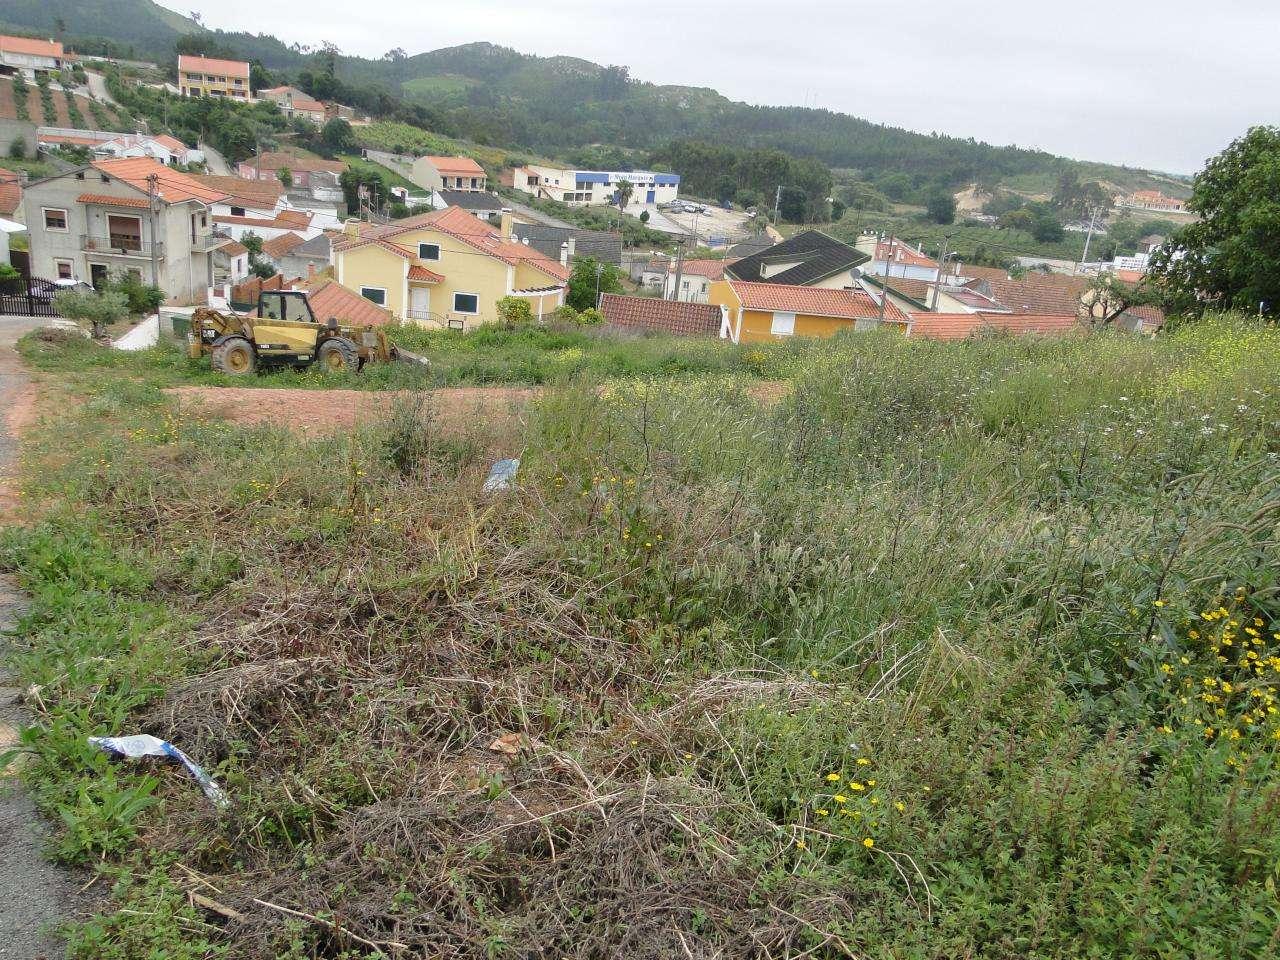 Terreno para comprar, Lamas e Cercal, Lisboa - Foto 3